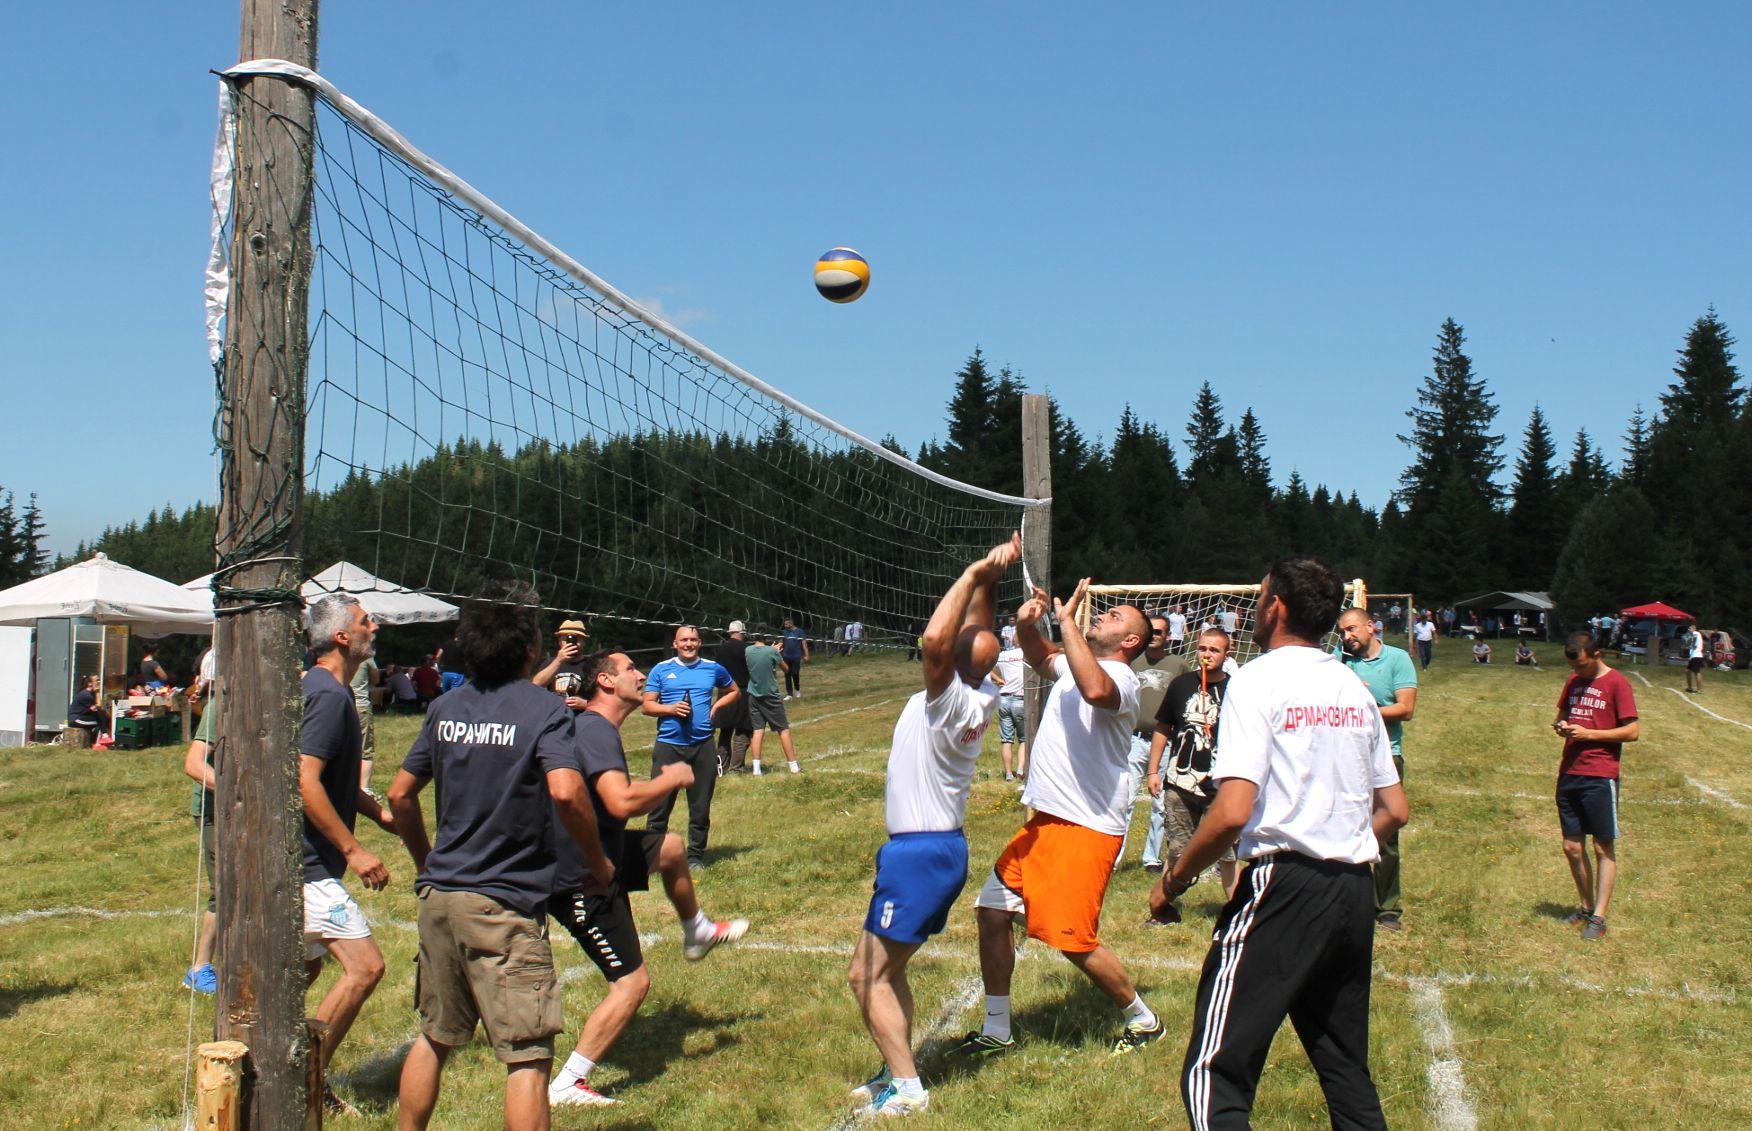 Игра и забава на планинској трави (Фото: Д. Гагричић)